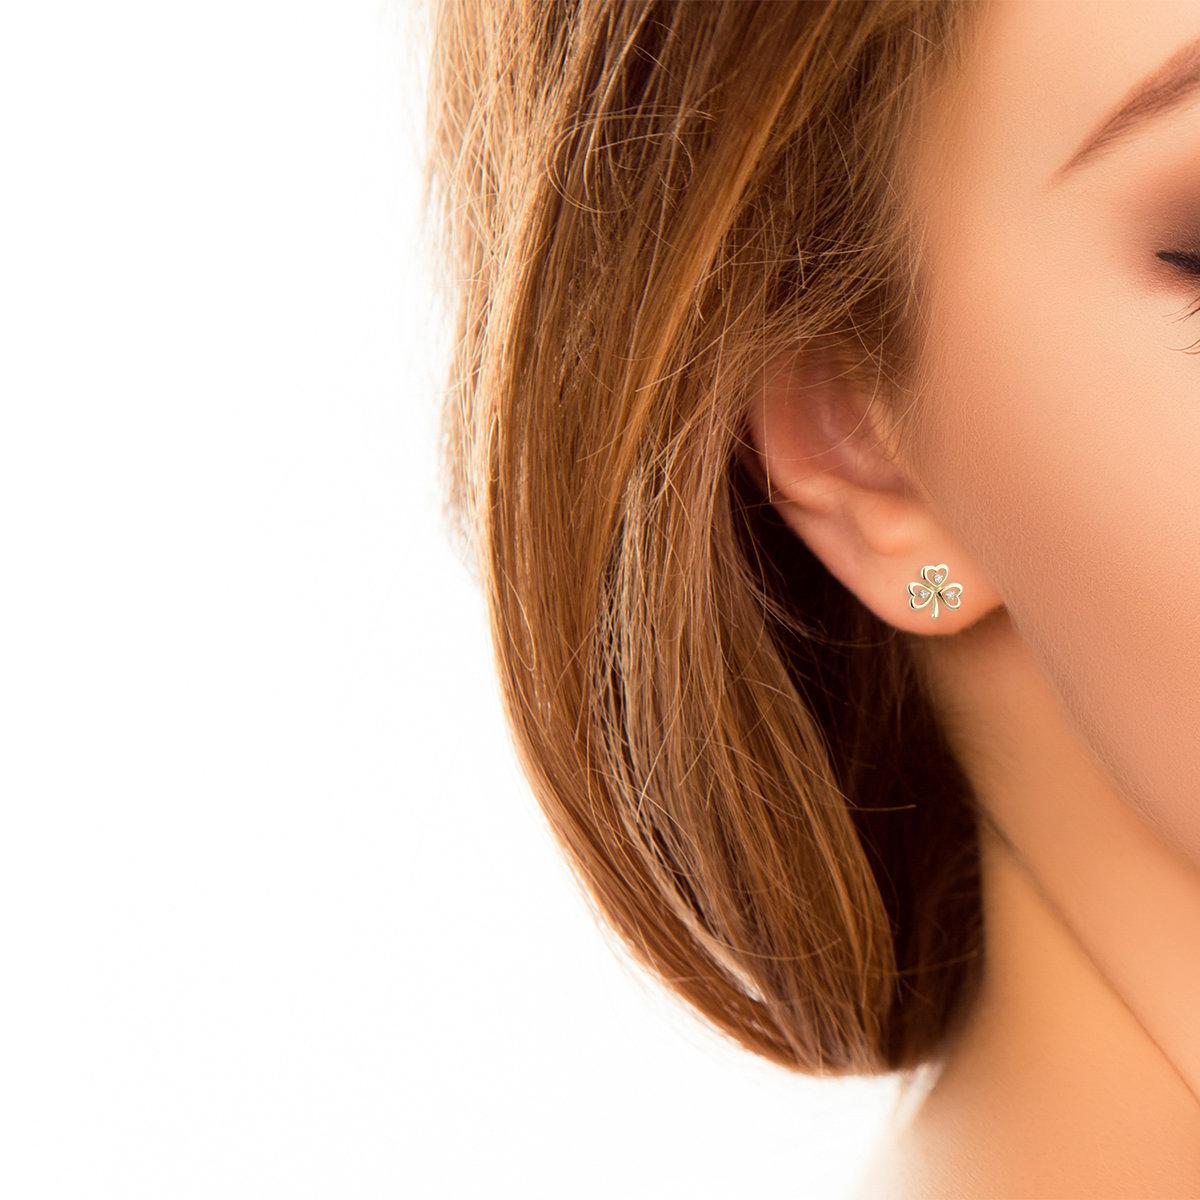 14 karat diamond shamrock earrings  S33482 presented on a model